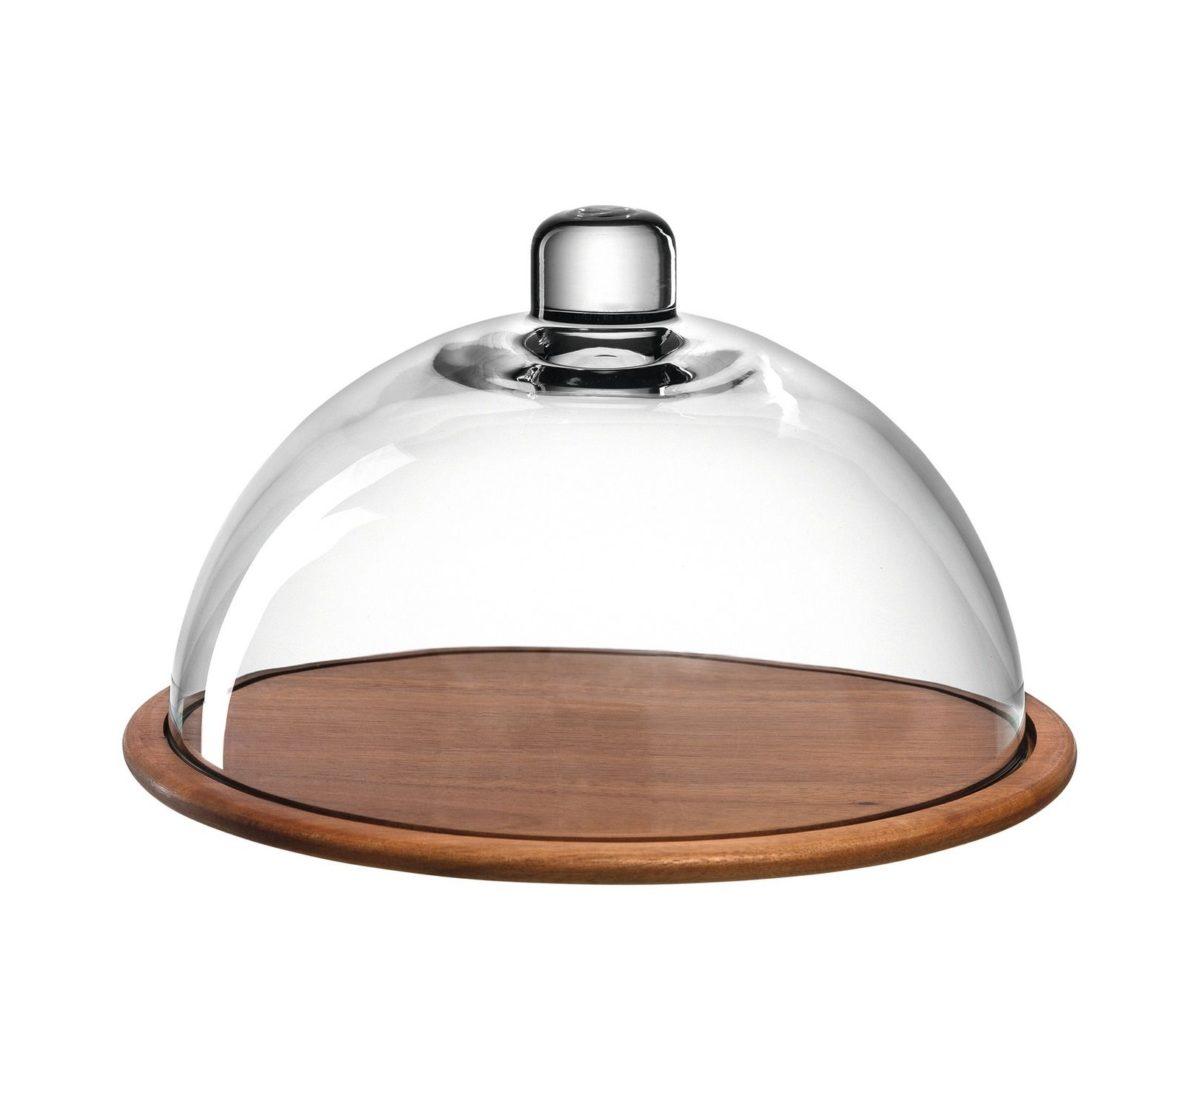 018519 0 k 2 1200x1103 - Placă de lemn pentru cașcaval cu capac de sticlă Cucina (L018519)